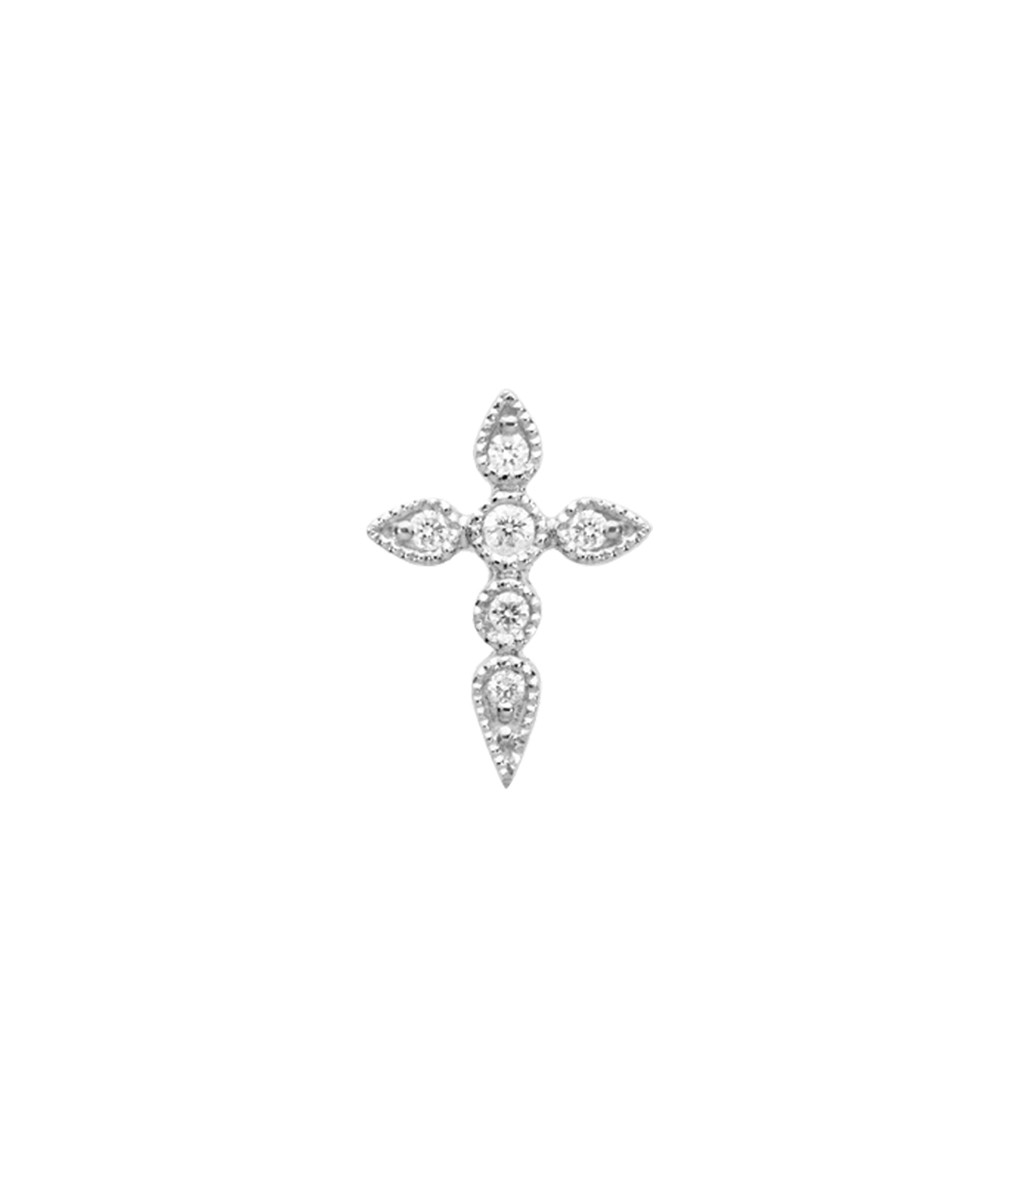 Boucle d'oreille Bouton Céleste Diamants (vendue à l'unité) - STONE